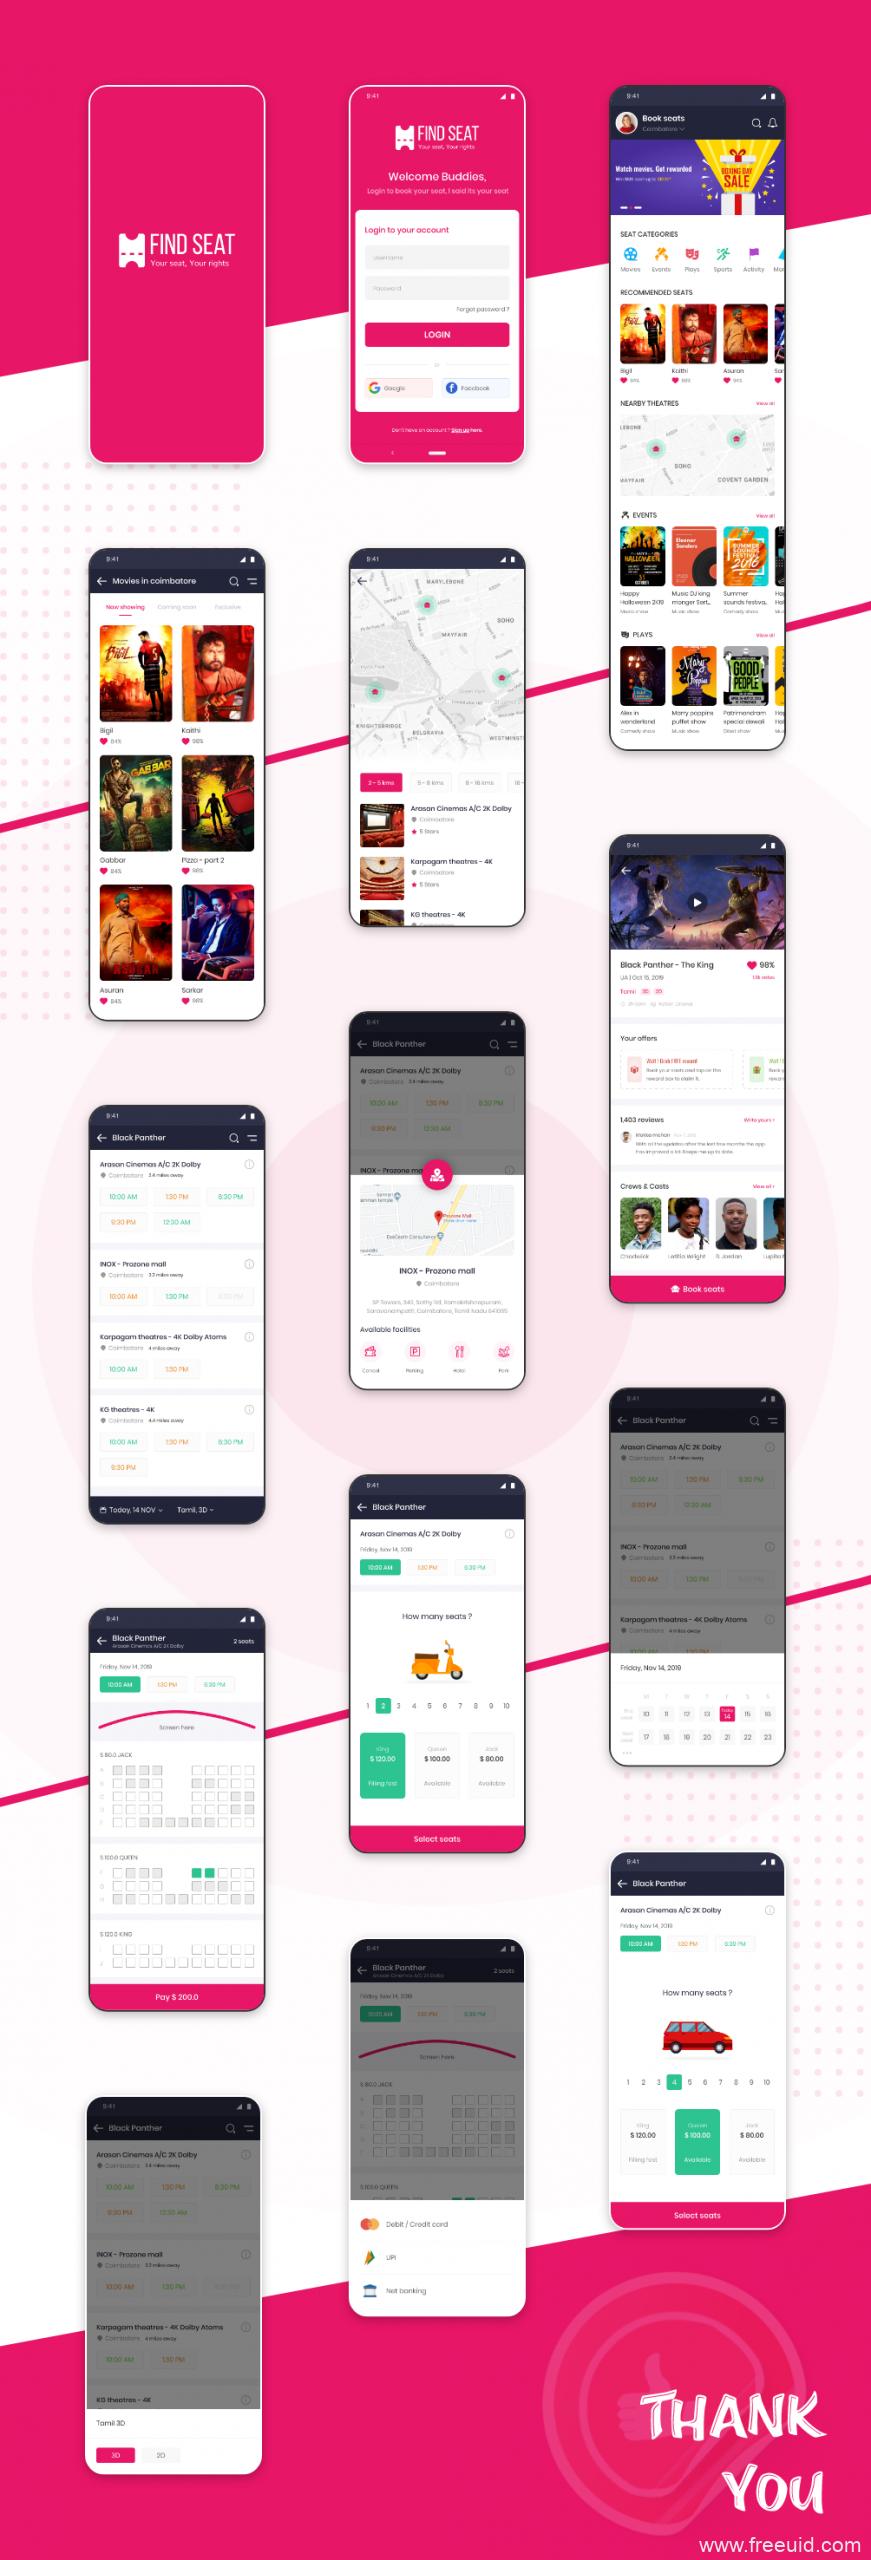 成套电影、演出票务app ui .xd素材下载,UI源文件下载